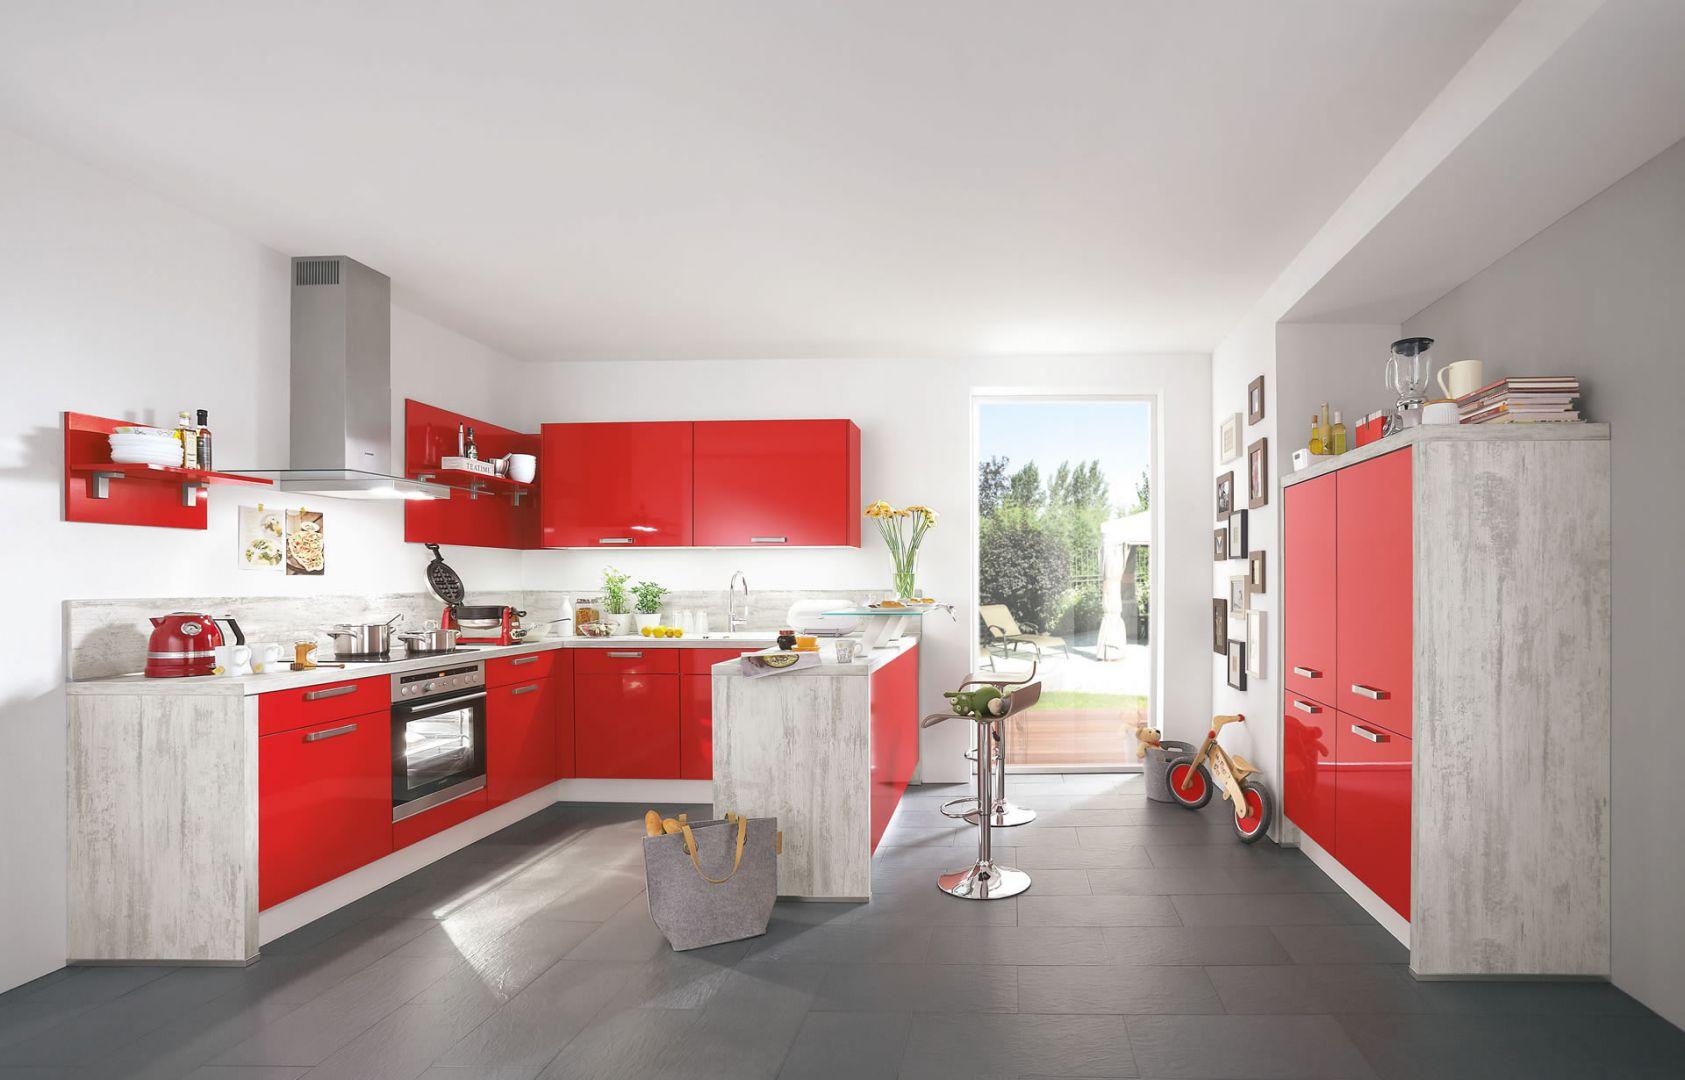 Czerwone, lakierowane fronty mebli pięknie ożywiają wnętrze kuchni. Doskonale pasują do spokojnej kolorystyki blatów, ścian oraz podłogi. Fot. Nobilia.